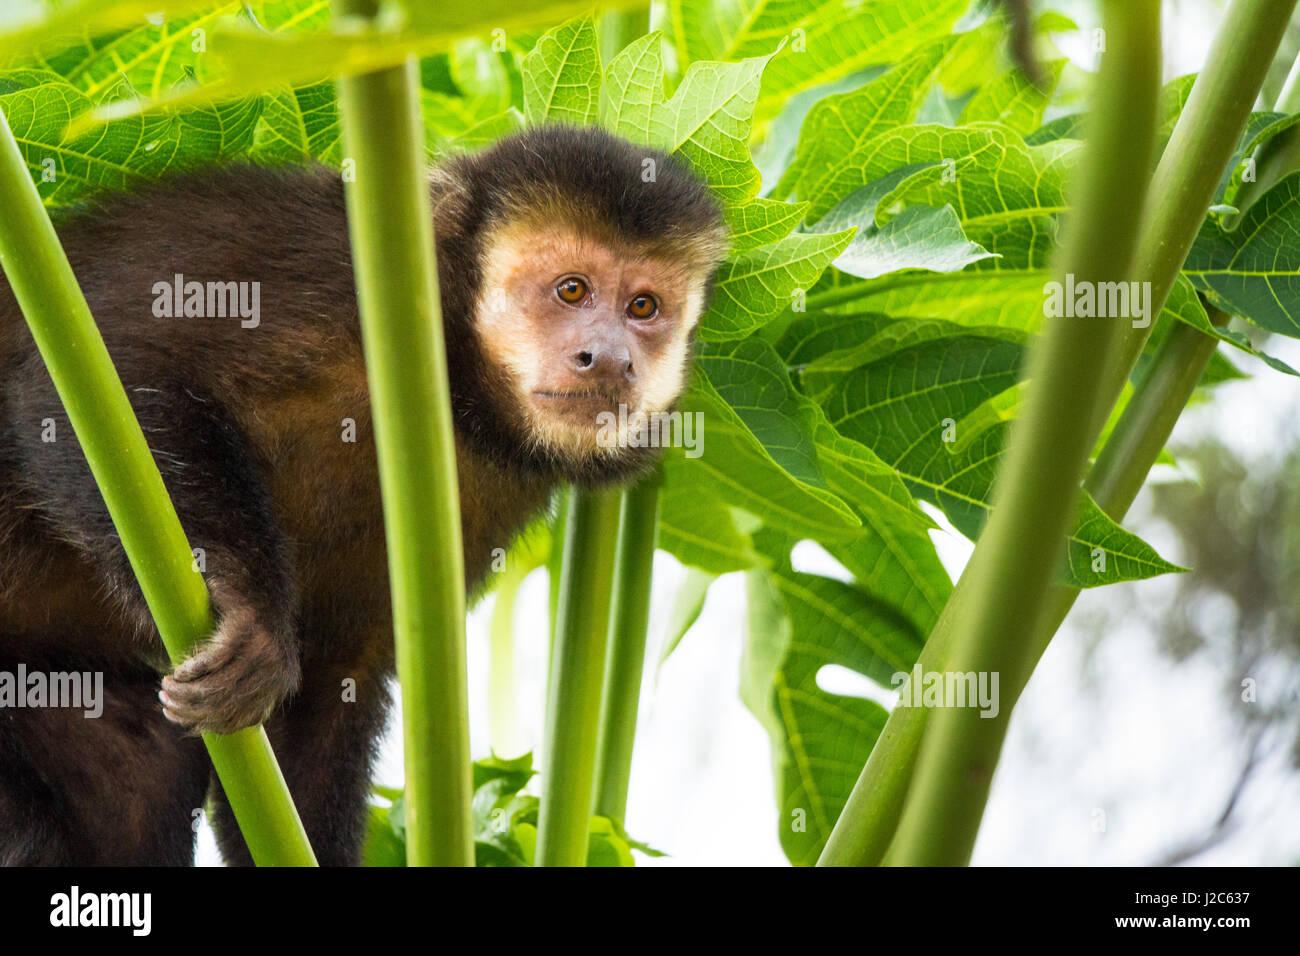 Fantastisch Malvorlagen Affen Springen Bett Galerie ...